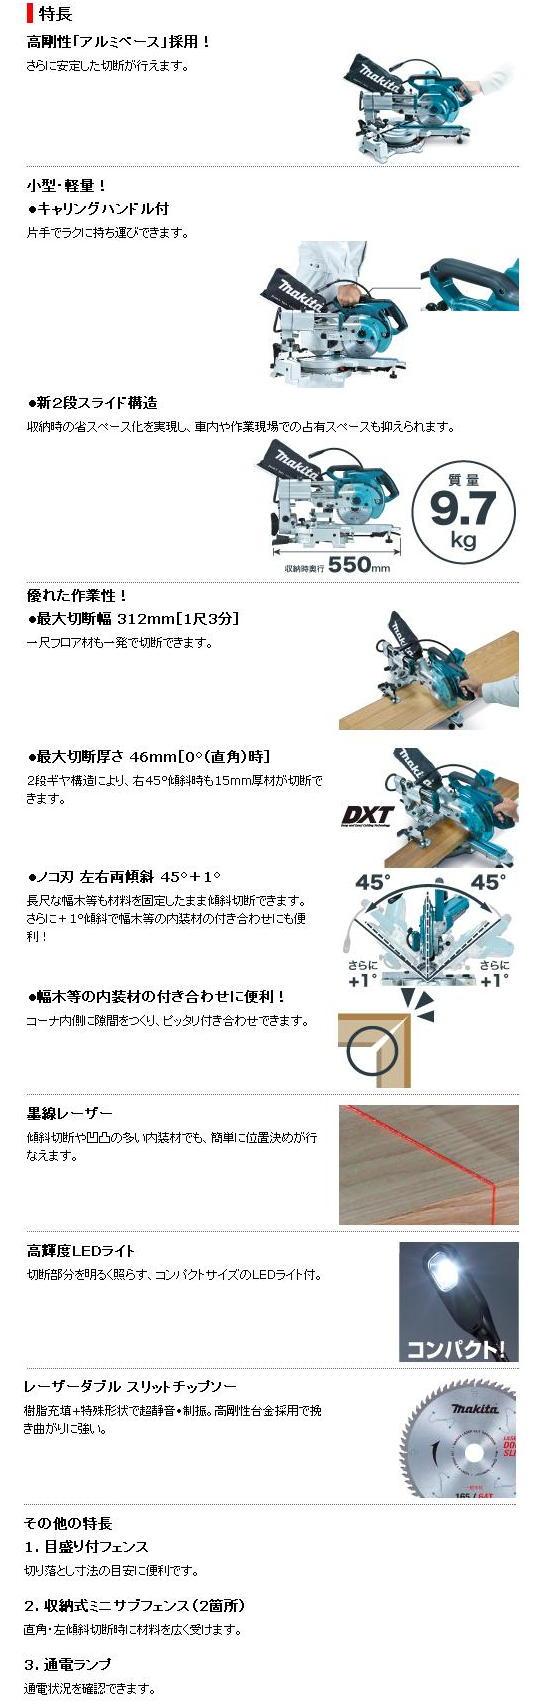 マキタ 165mmスライドマルノコ LS0613FL